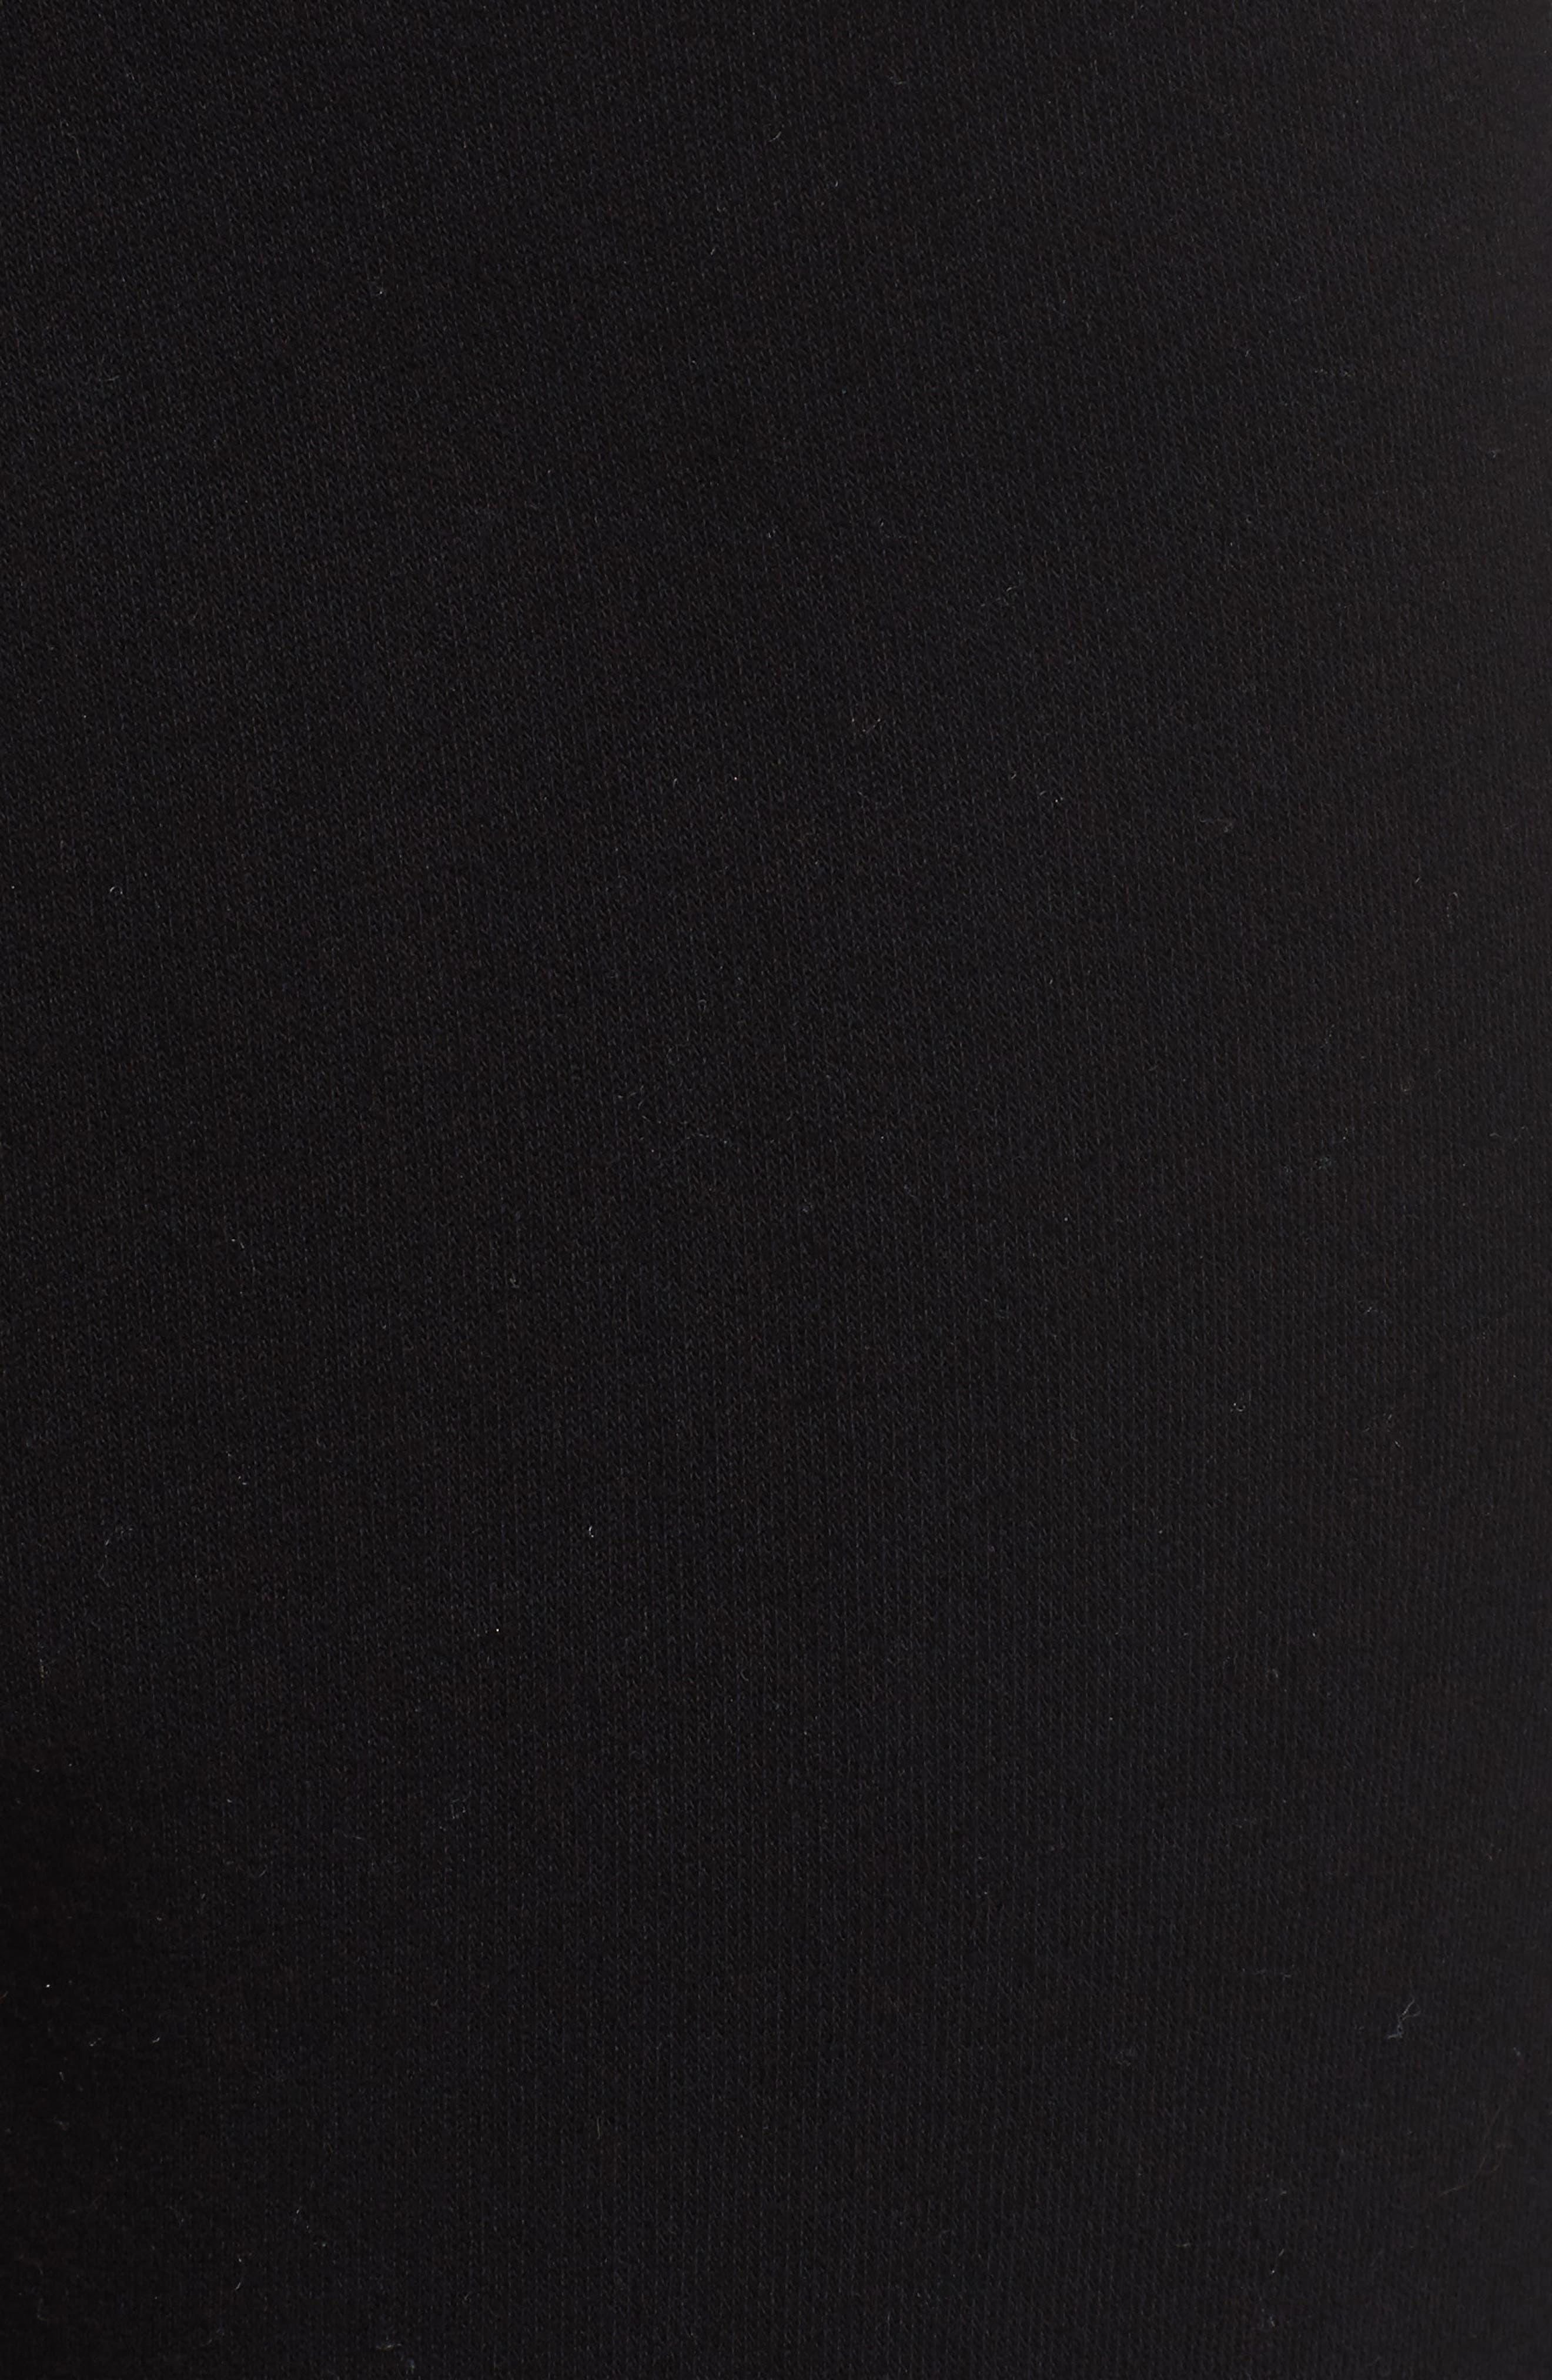 MICHAEL LAUREN,                             Plato Lounge Sweatpants,                             Alternate thumbnail 5, color,                             001